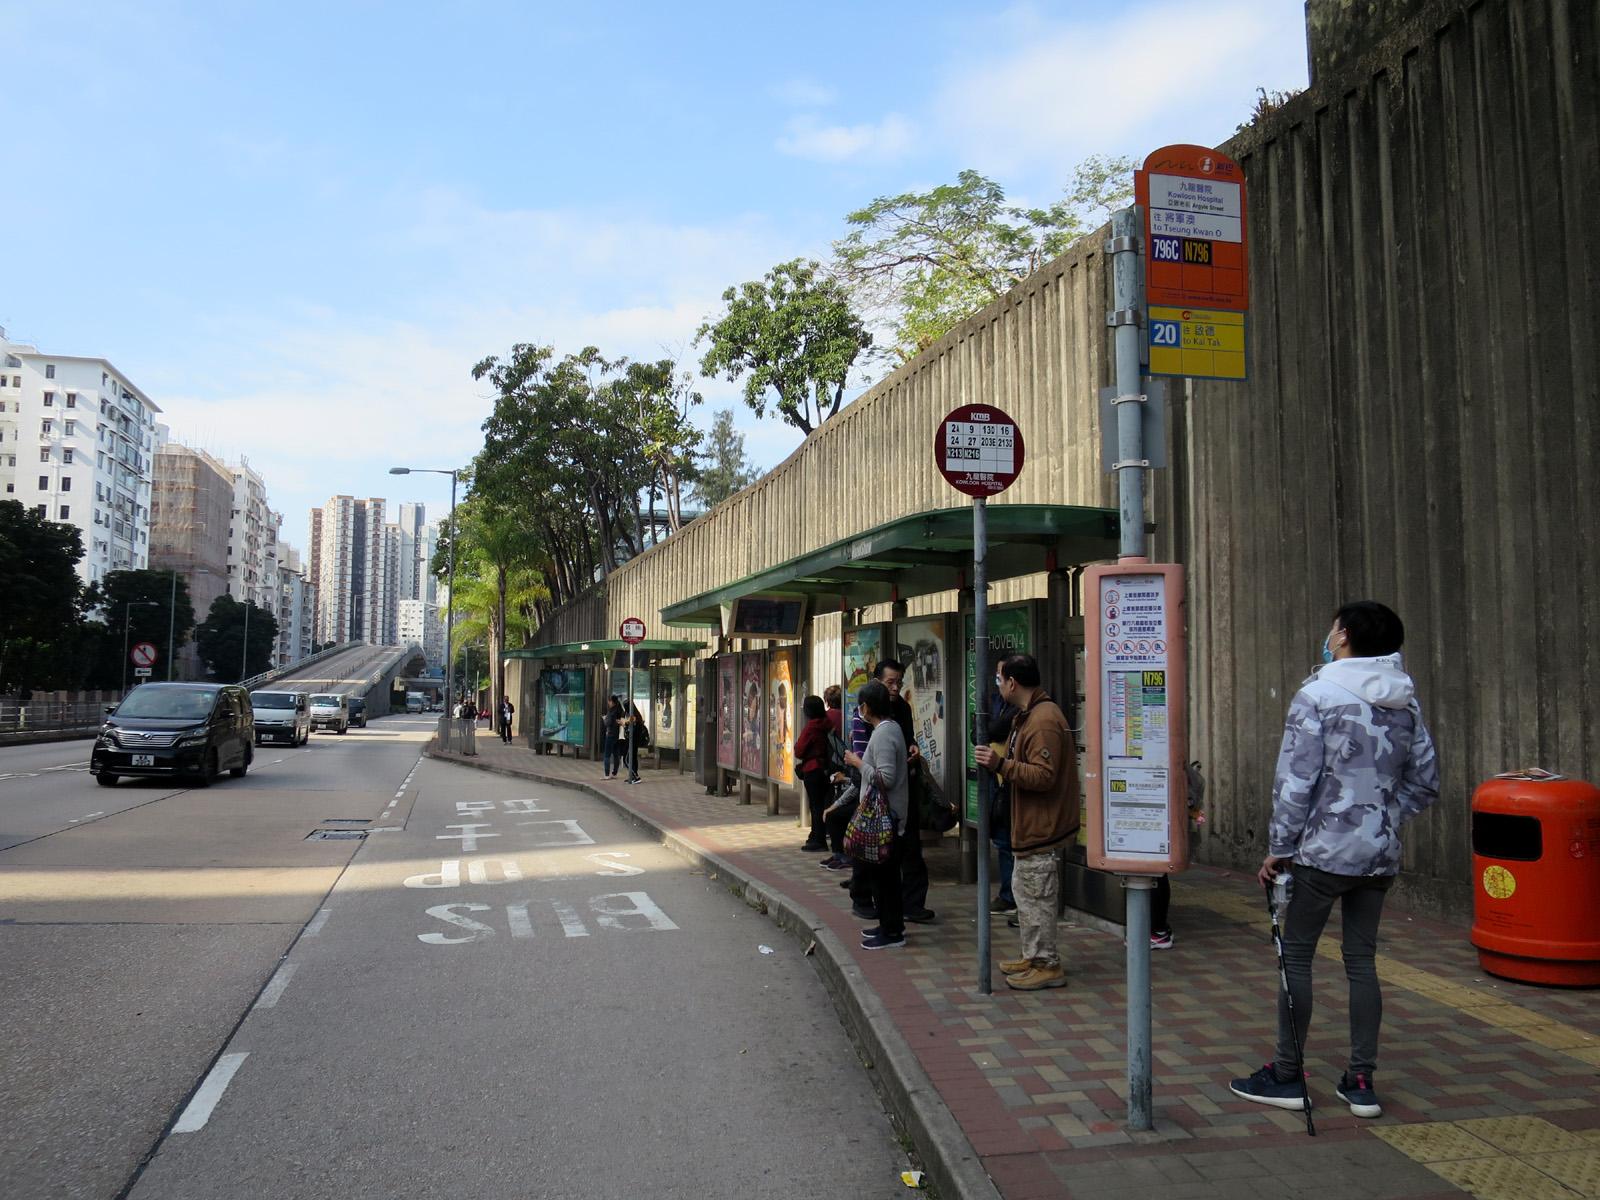 九龍醫院 (亞皆老街)